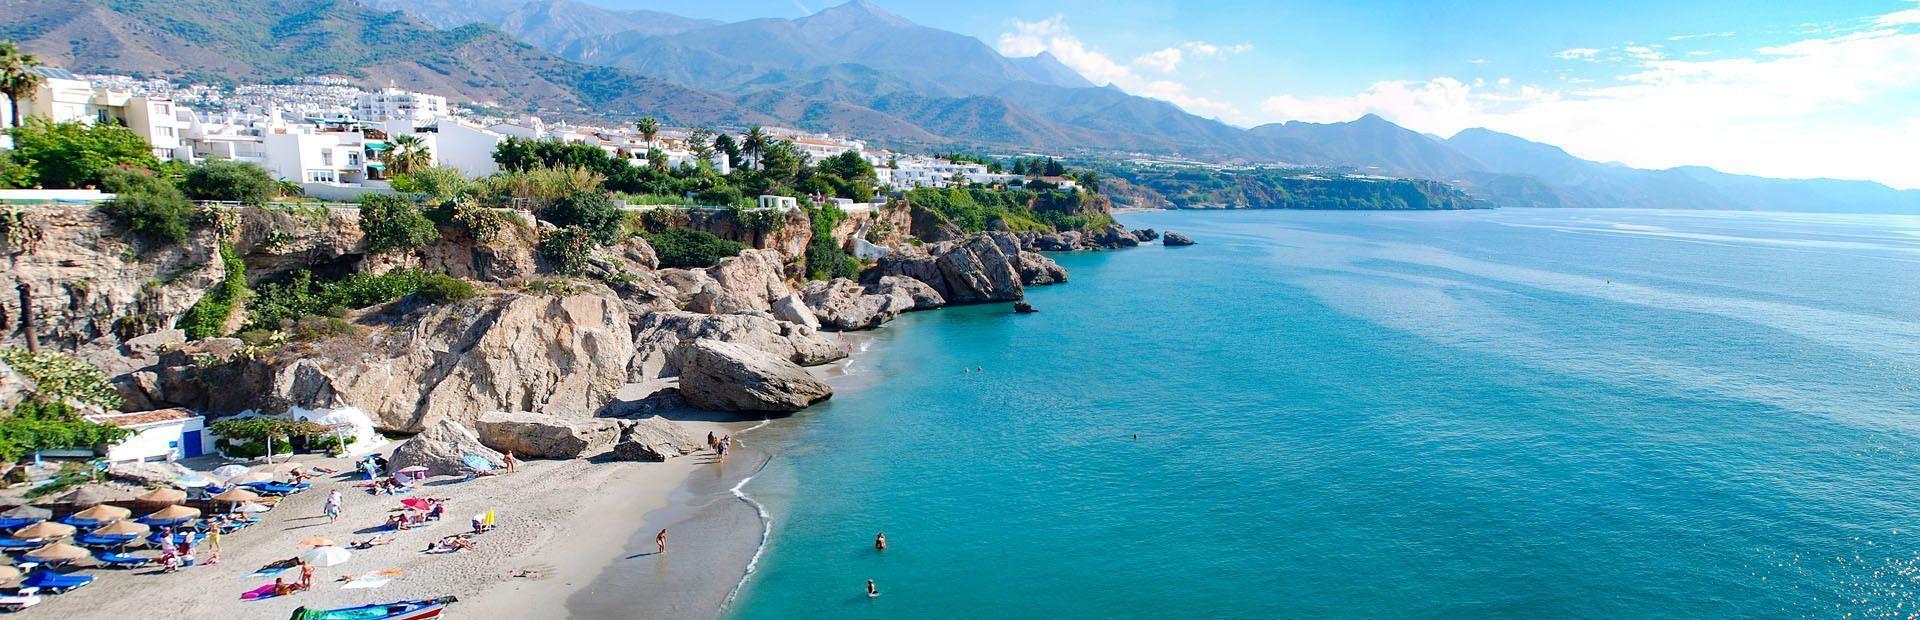 La Costa del Sol: Malaga, Marbella y Tarifa